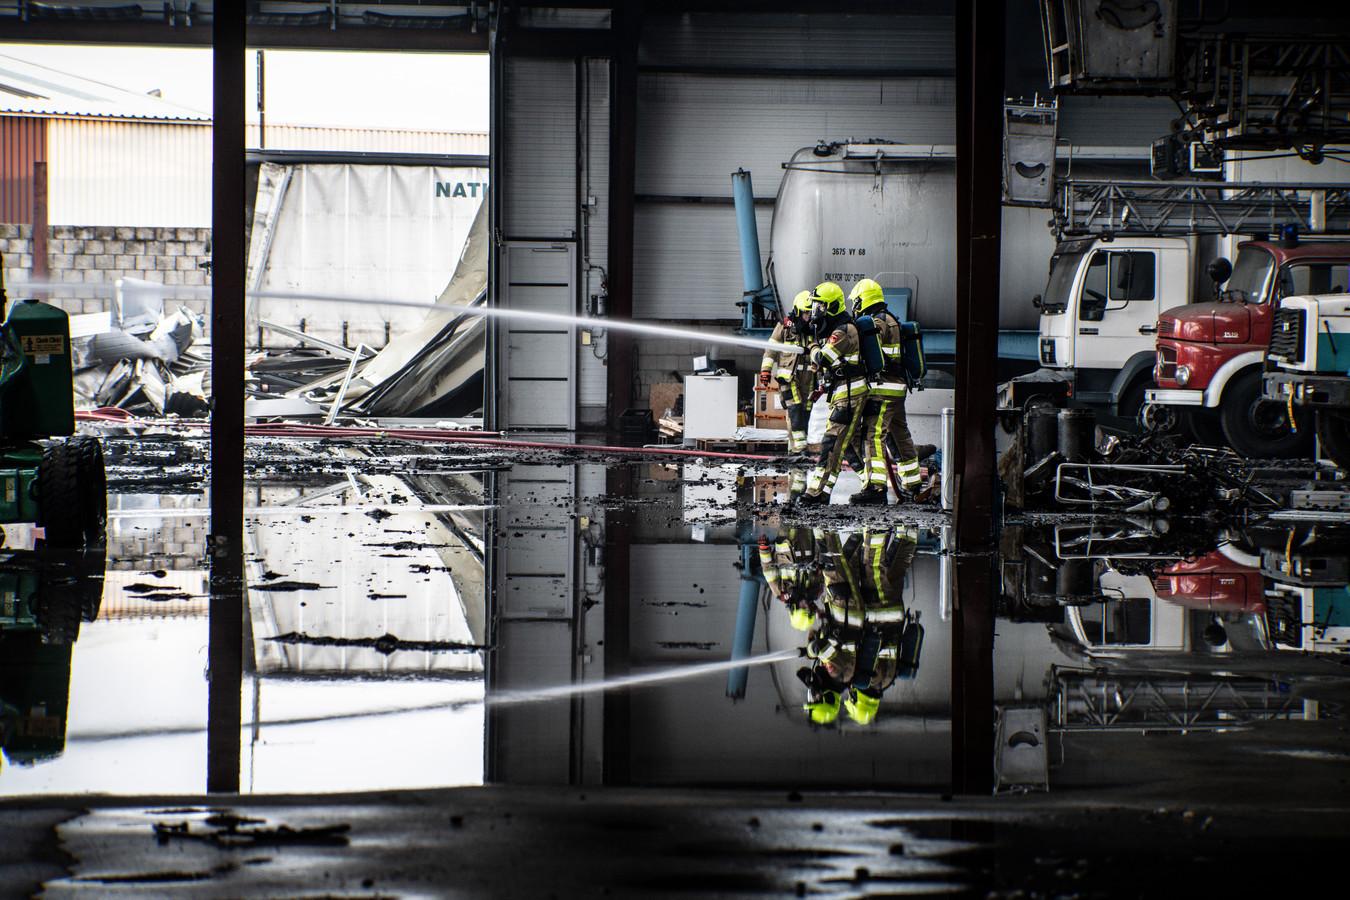 In een bedrijfspand van Korendal Trucks in Nijmegen woedde vannacht een grote uitslaande brand. Op het terrein werden twee trailers met hennepkwekerijen ontdekt. Later werden op het terrein aan de andere kant van de verwoeste loods nog twee trucks bedoeld voor de productie van wiet ontdekt: één ingericht als knipruimte, de ander vol hennepafval.